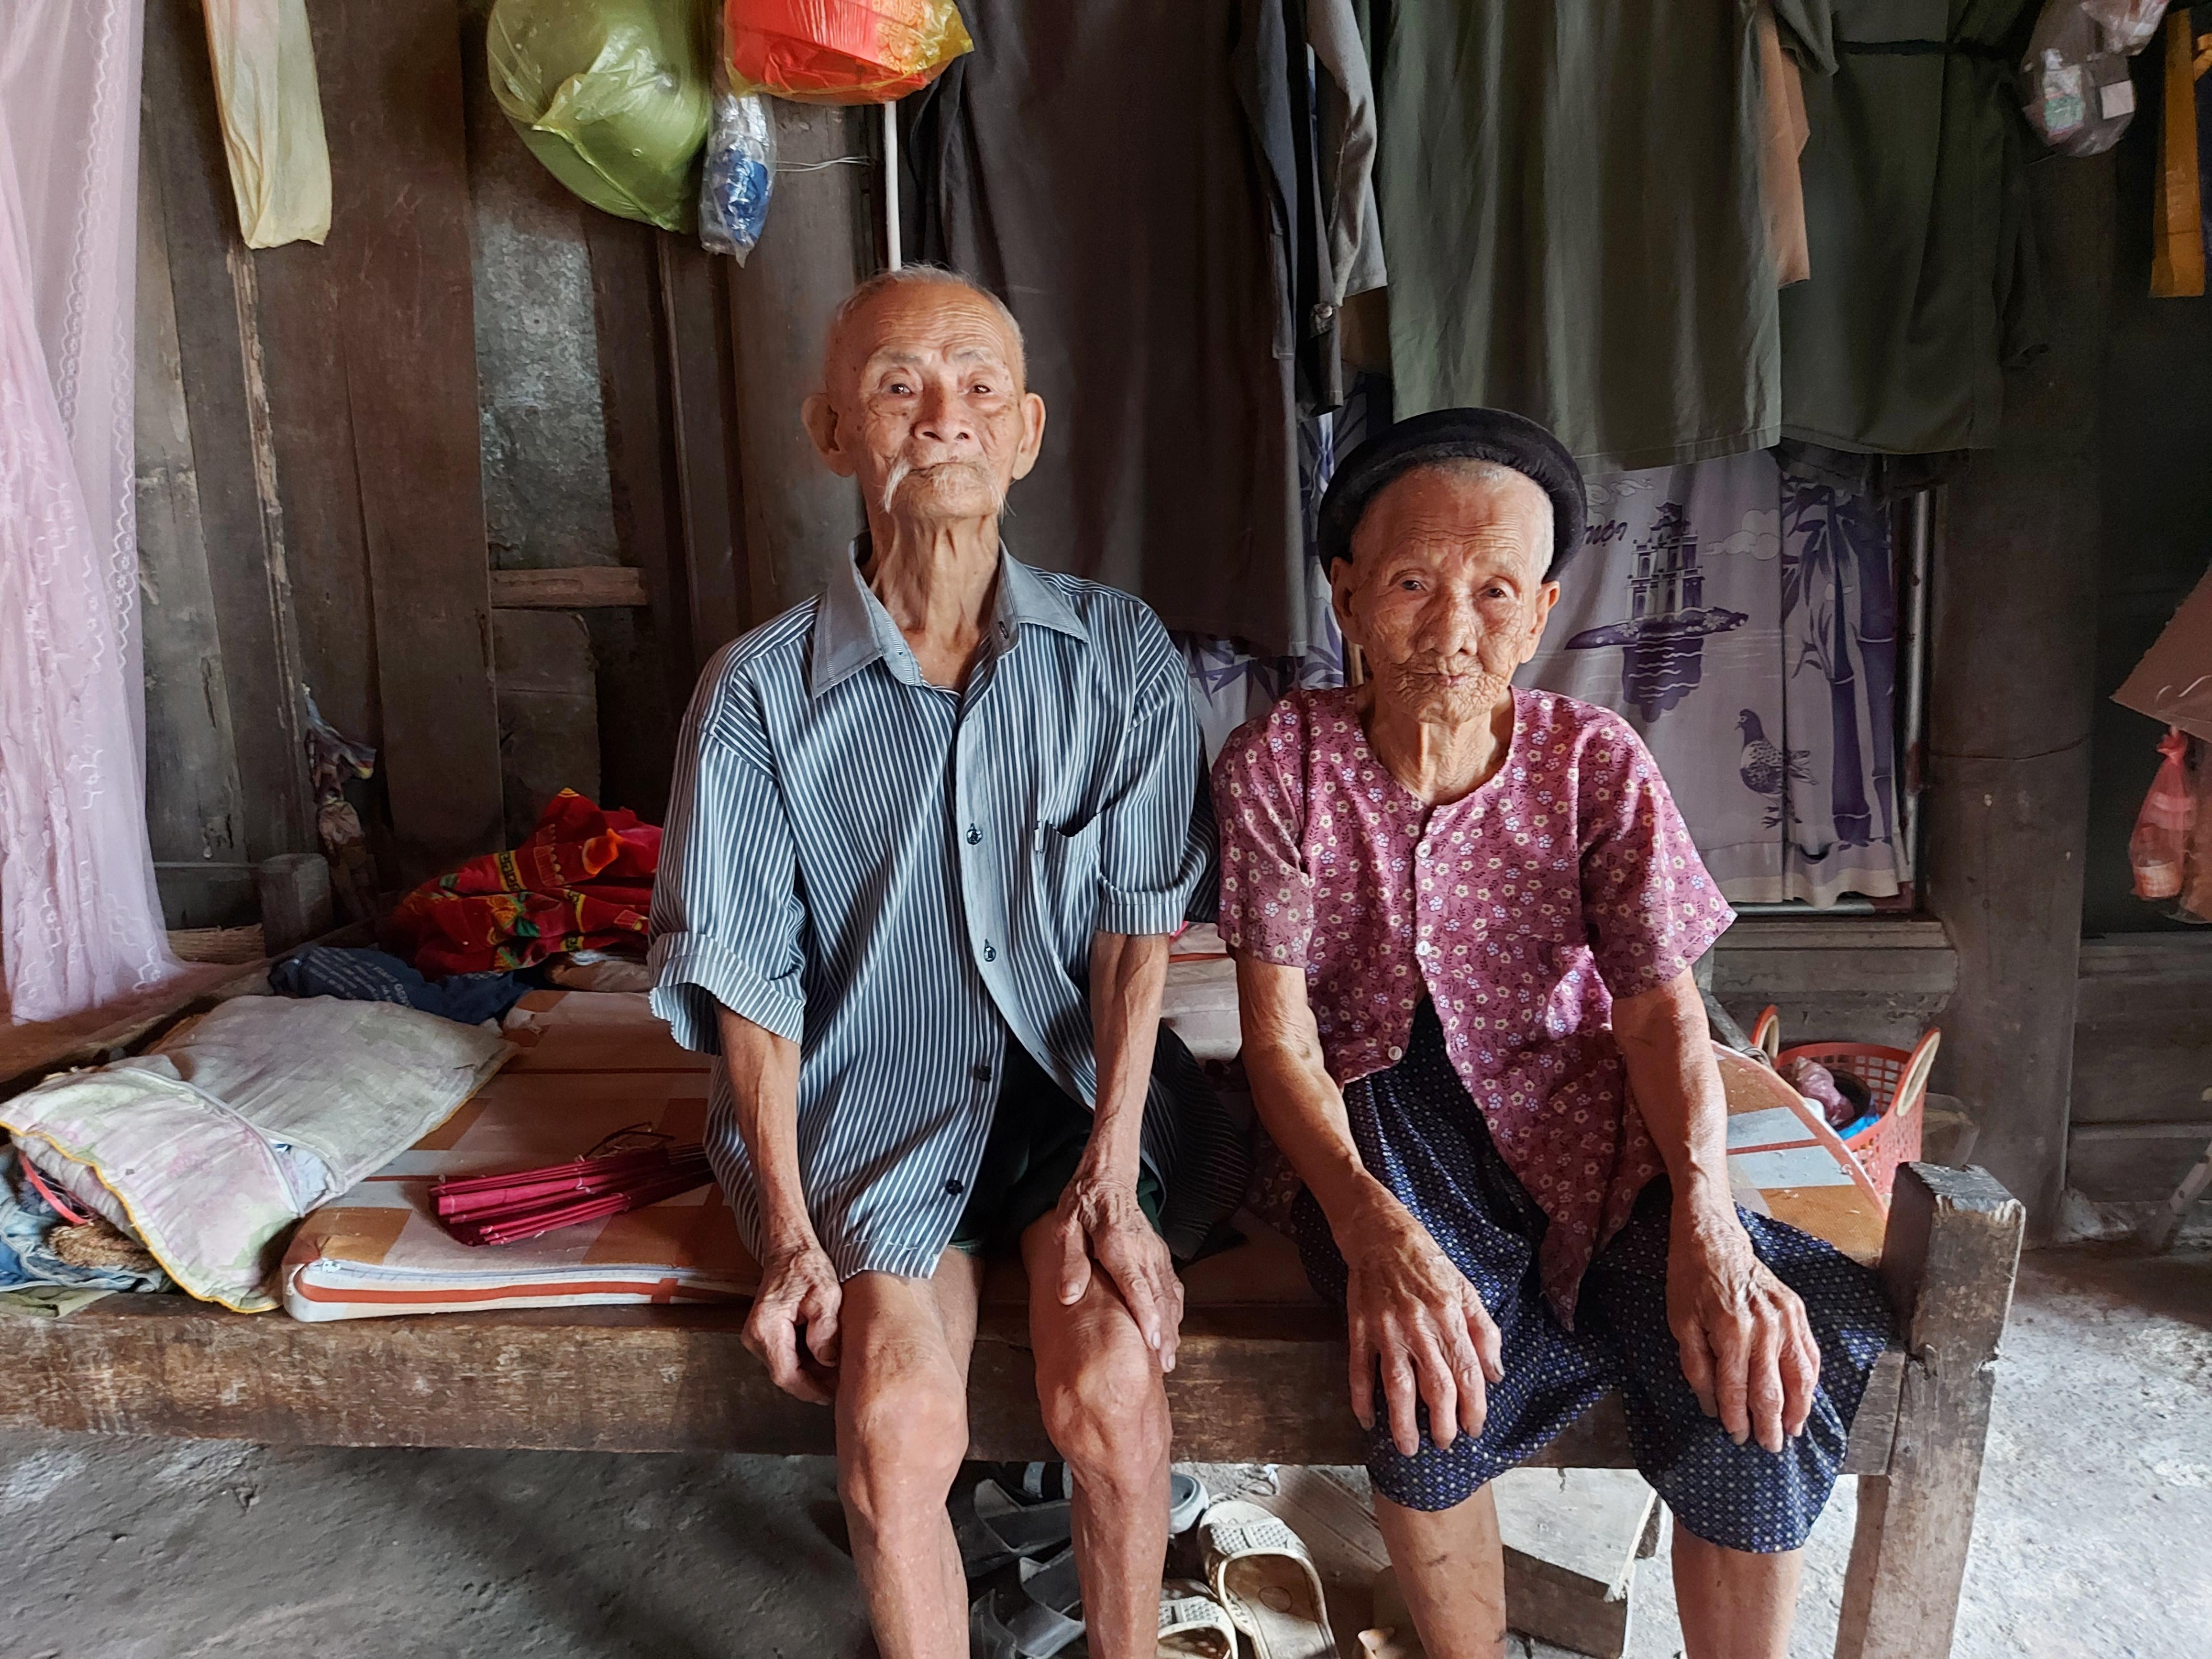 Hai vợ chồng cụ Toa, cụ Nhâm hi vọng dịch bệnh sớm kết thúc để người dân trở lại cuộc sống như trước.